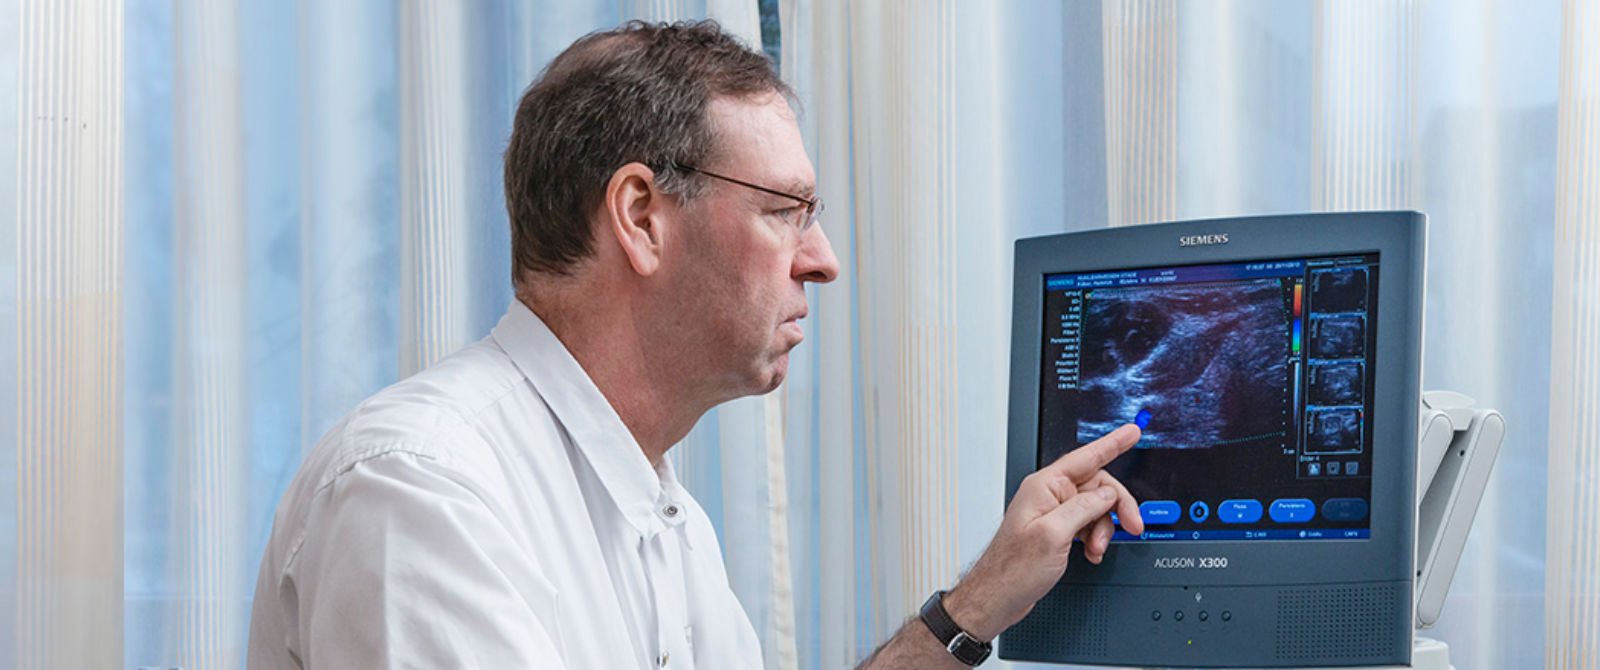 Schilddrüsen-Diagnostik